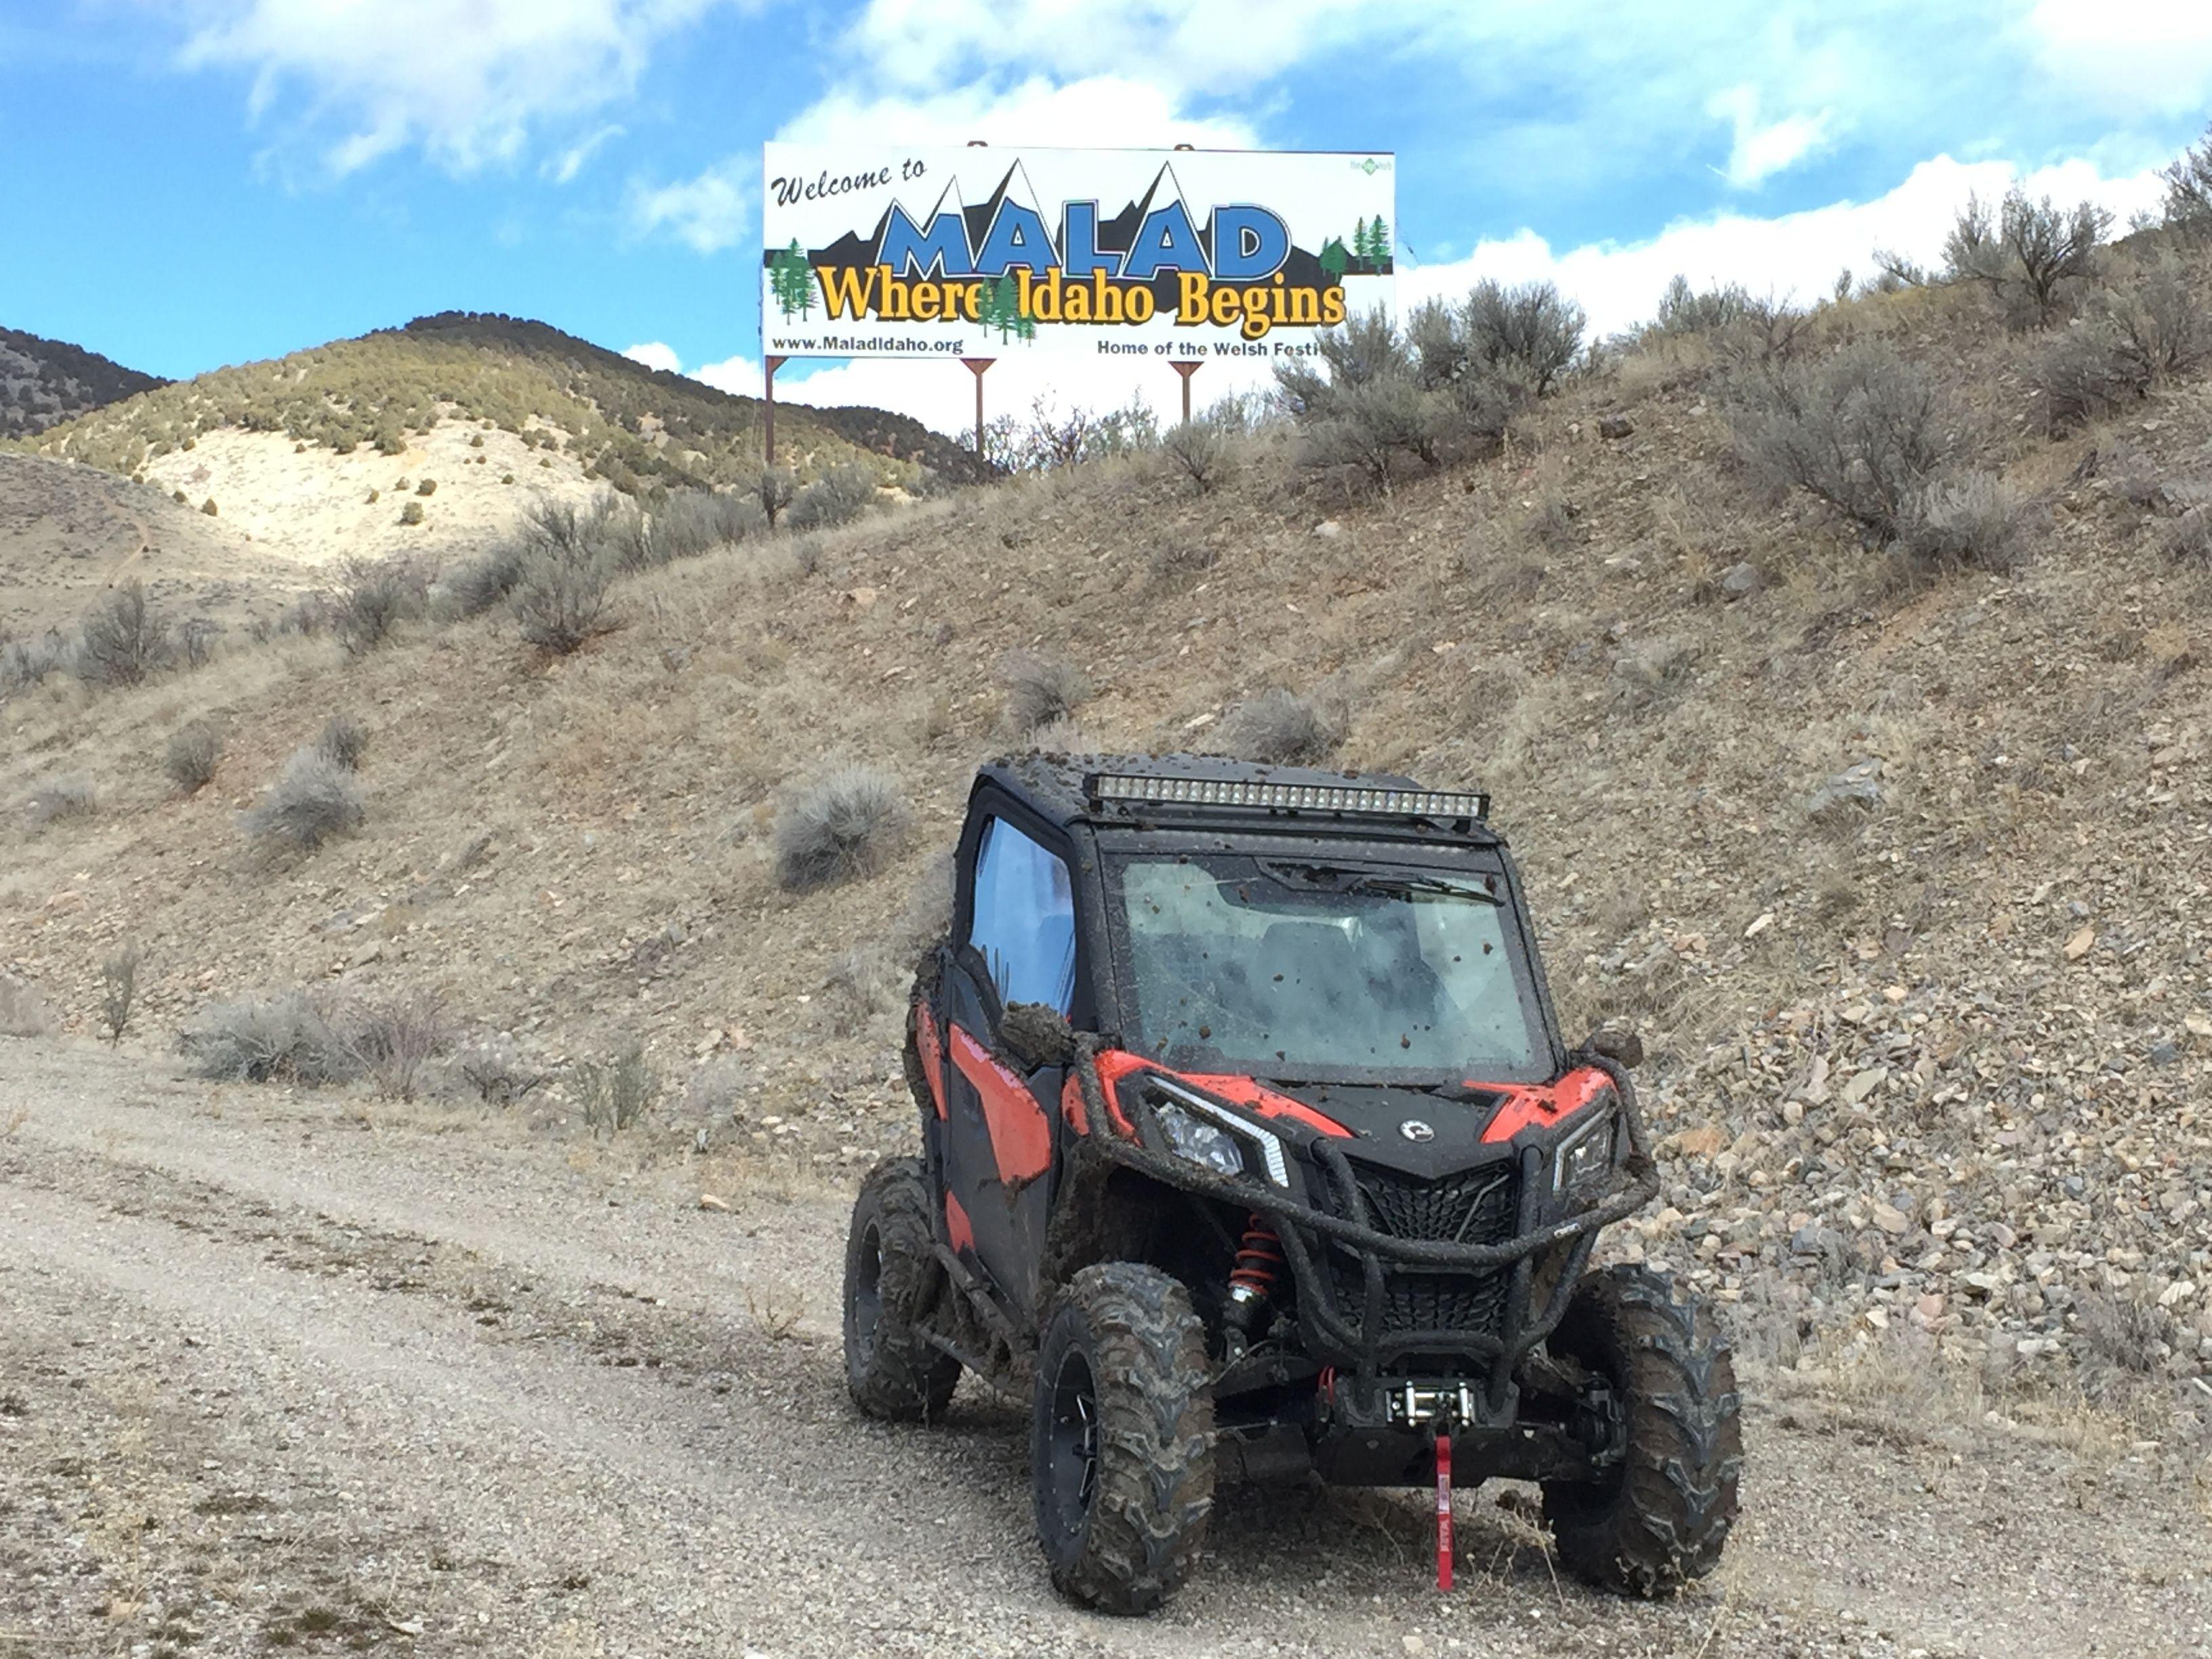 2018 Canam Maverick Trail 1000 Malad Idaho Gmc Trucks Monster Trucks Jeep 4x4